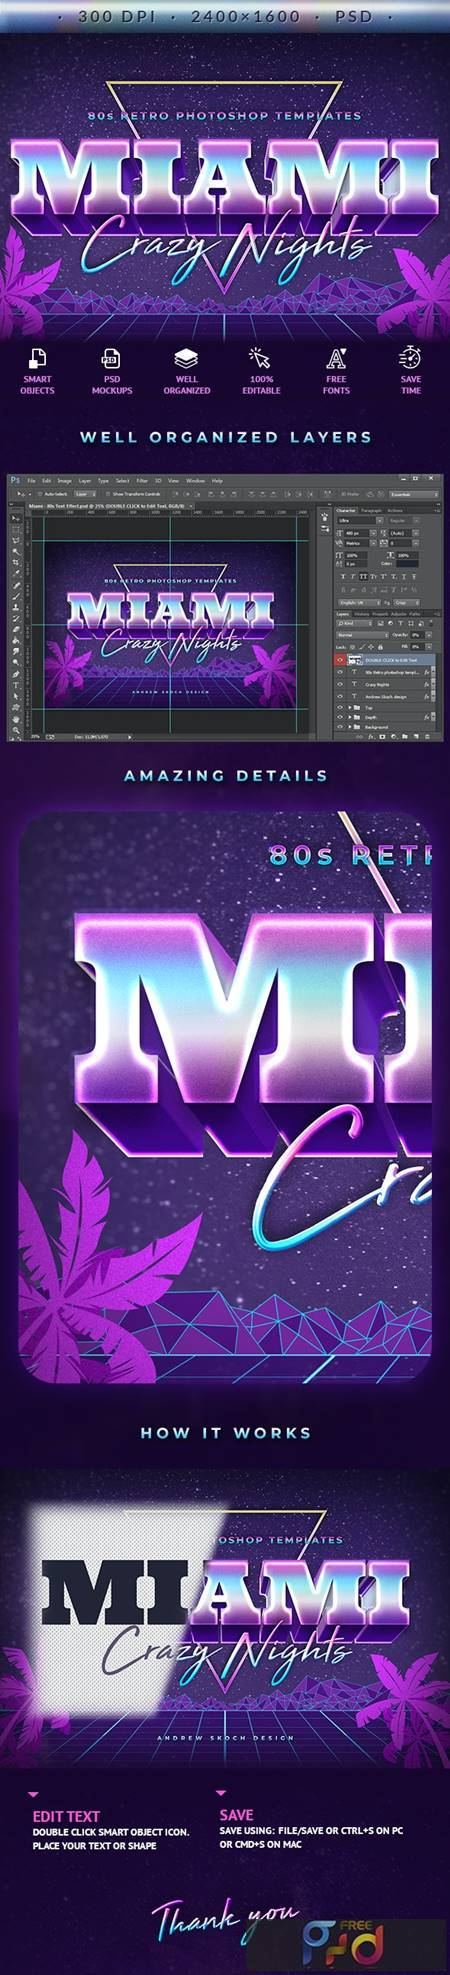 Miami - 80s Retro Text Effect 27731071 1